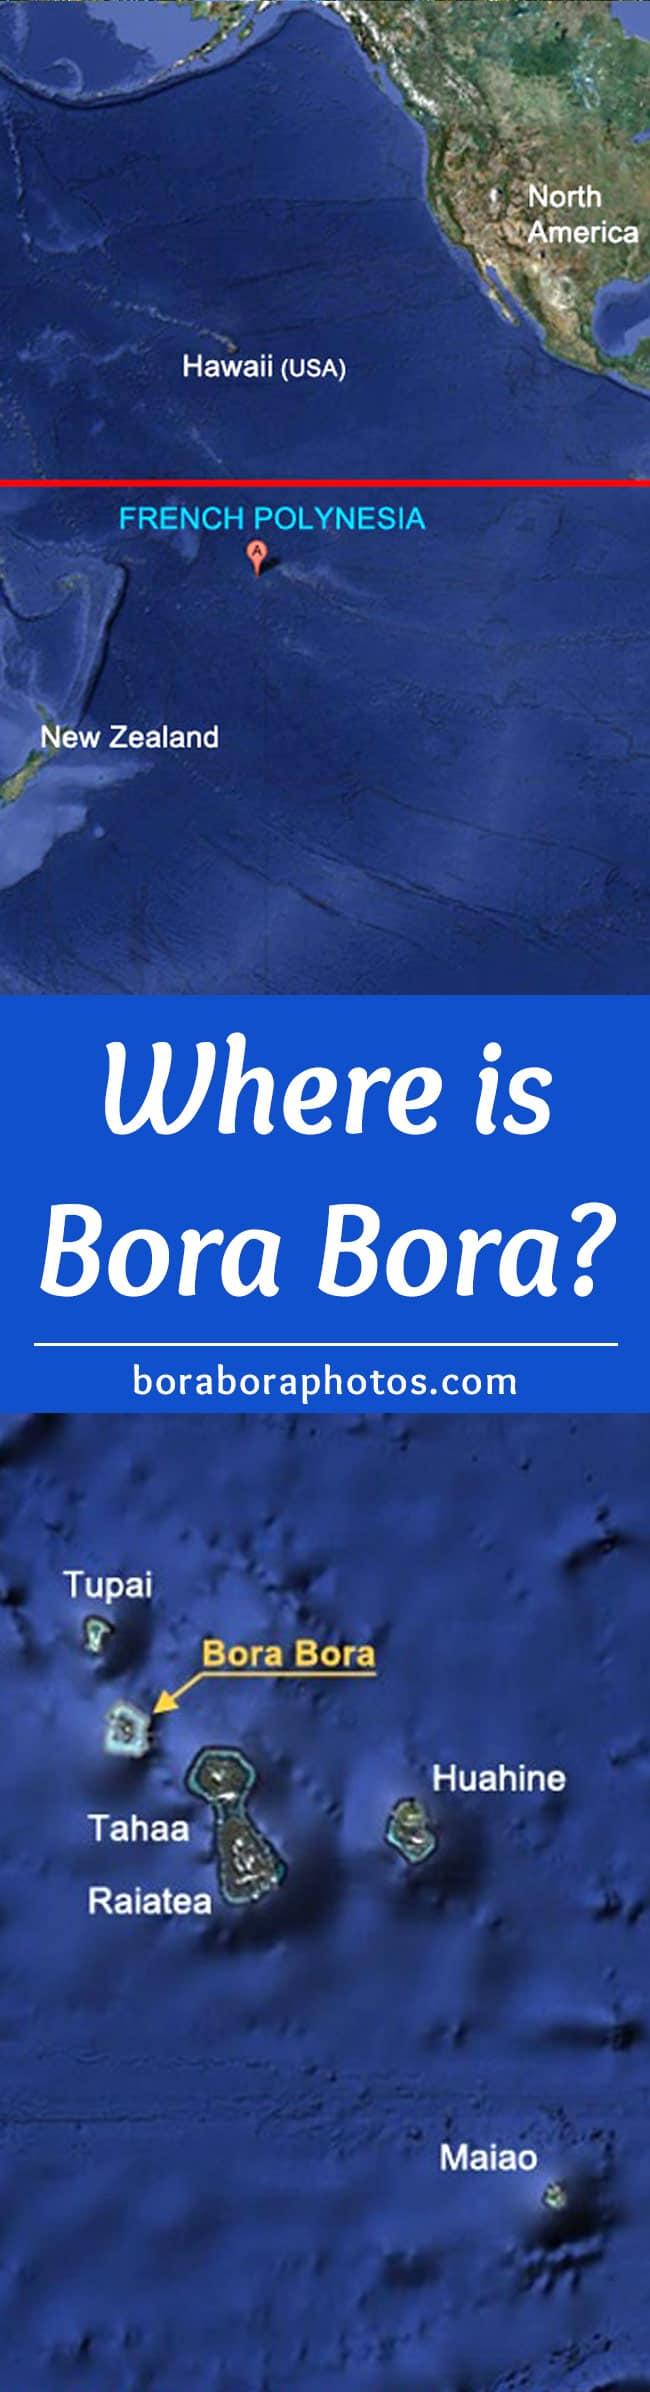 Where is Bora Bora?